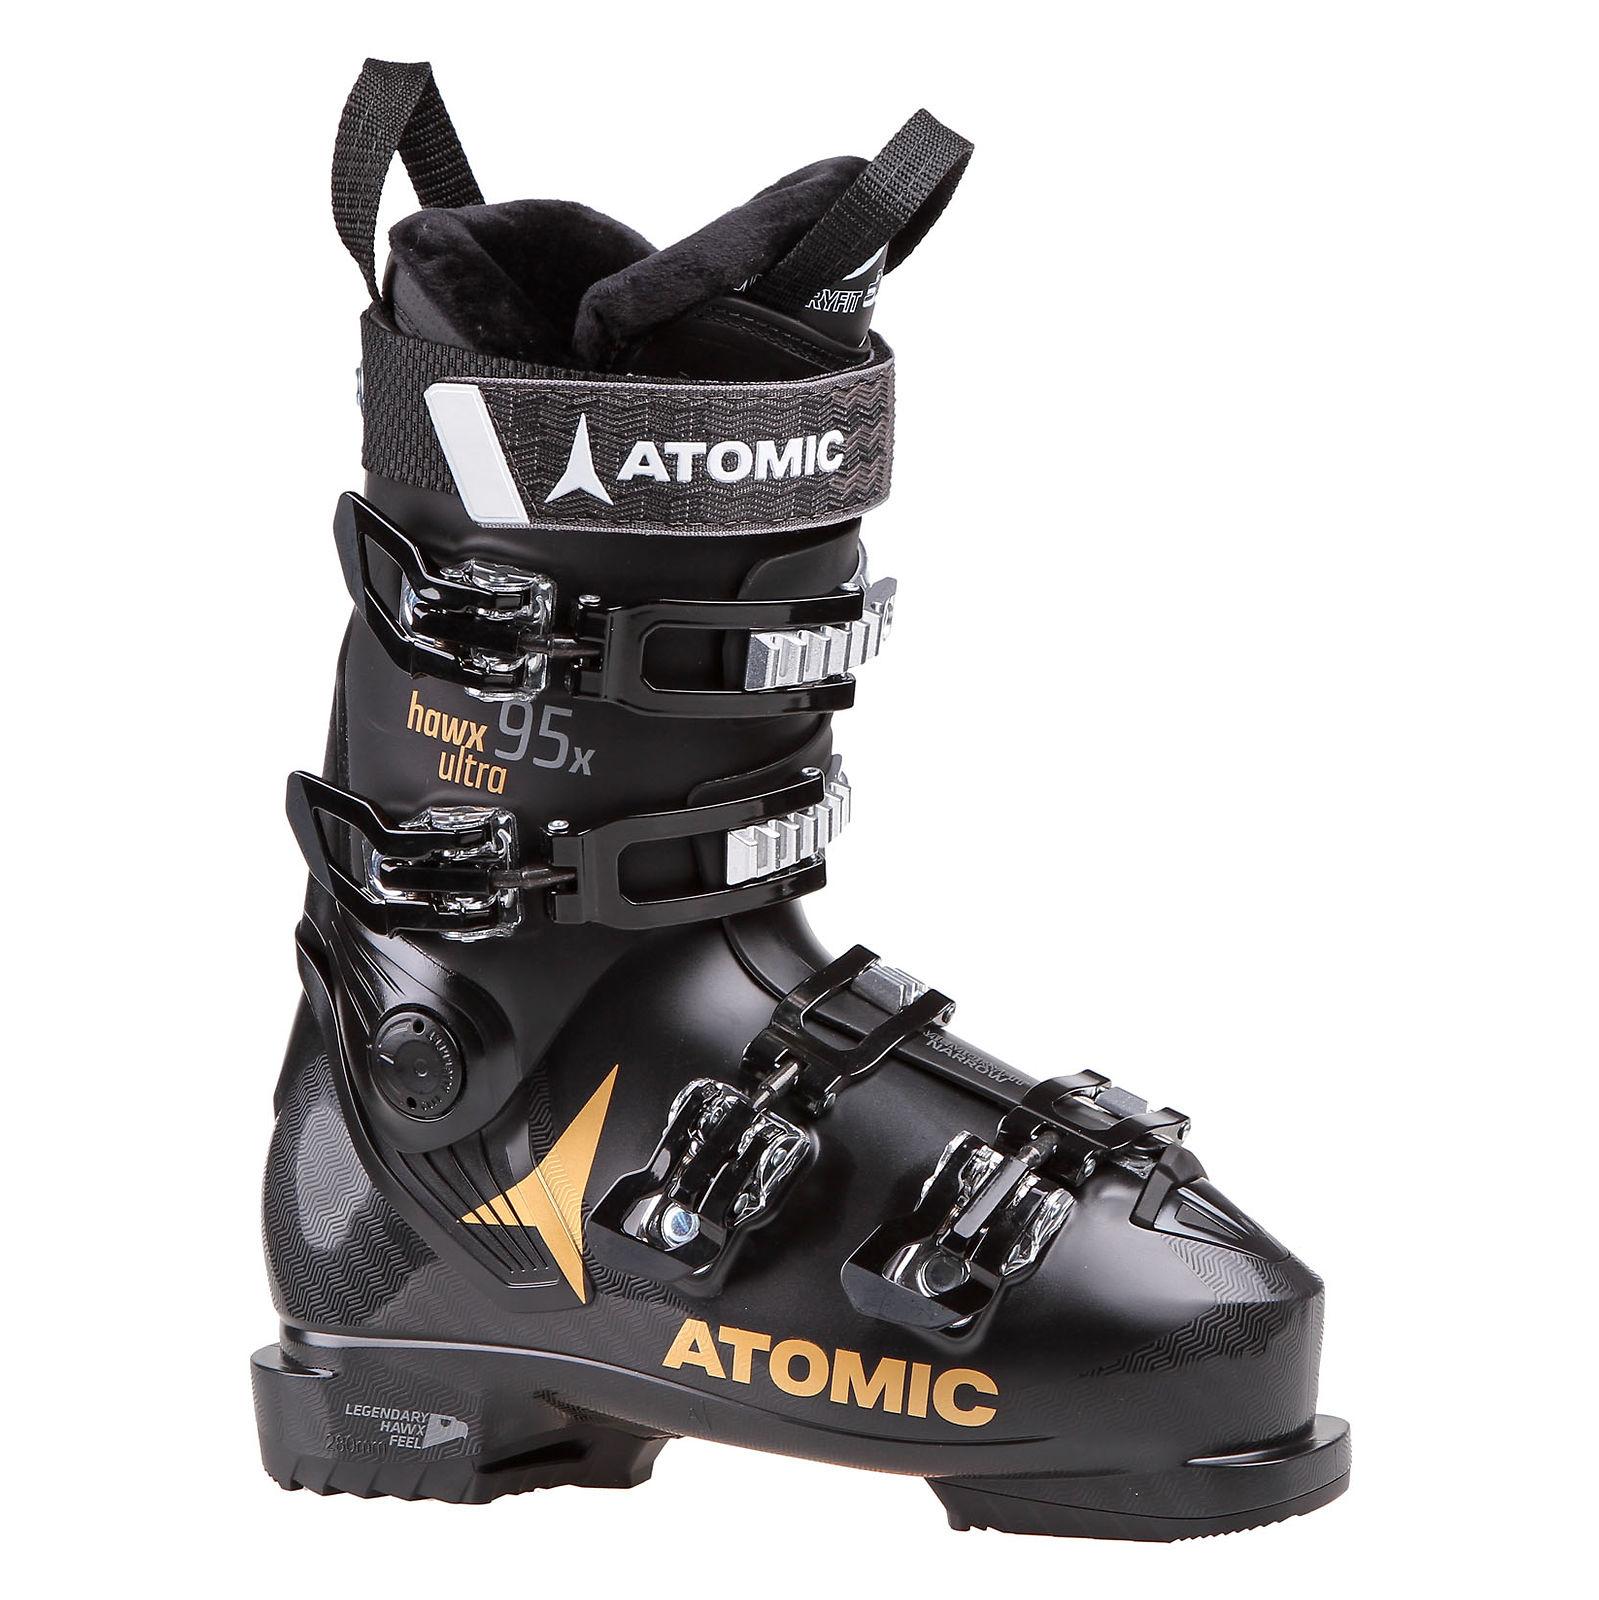 Buty narciarskie damskie Atomic Hawx Ultra 95X W F90